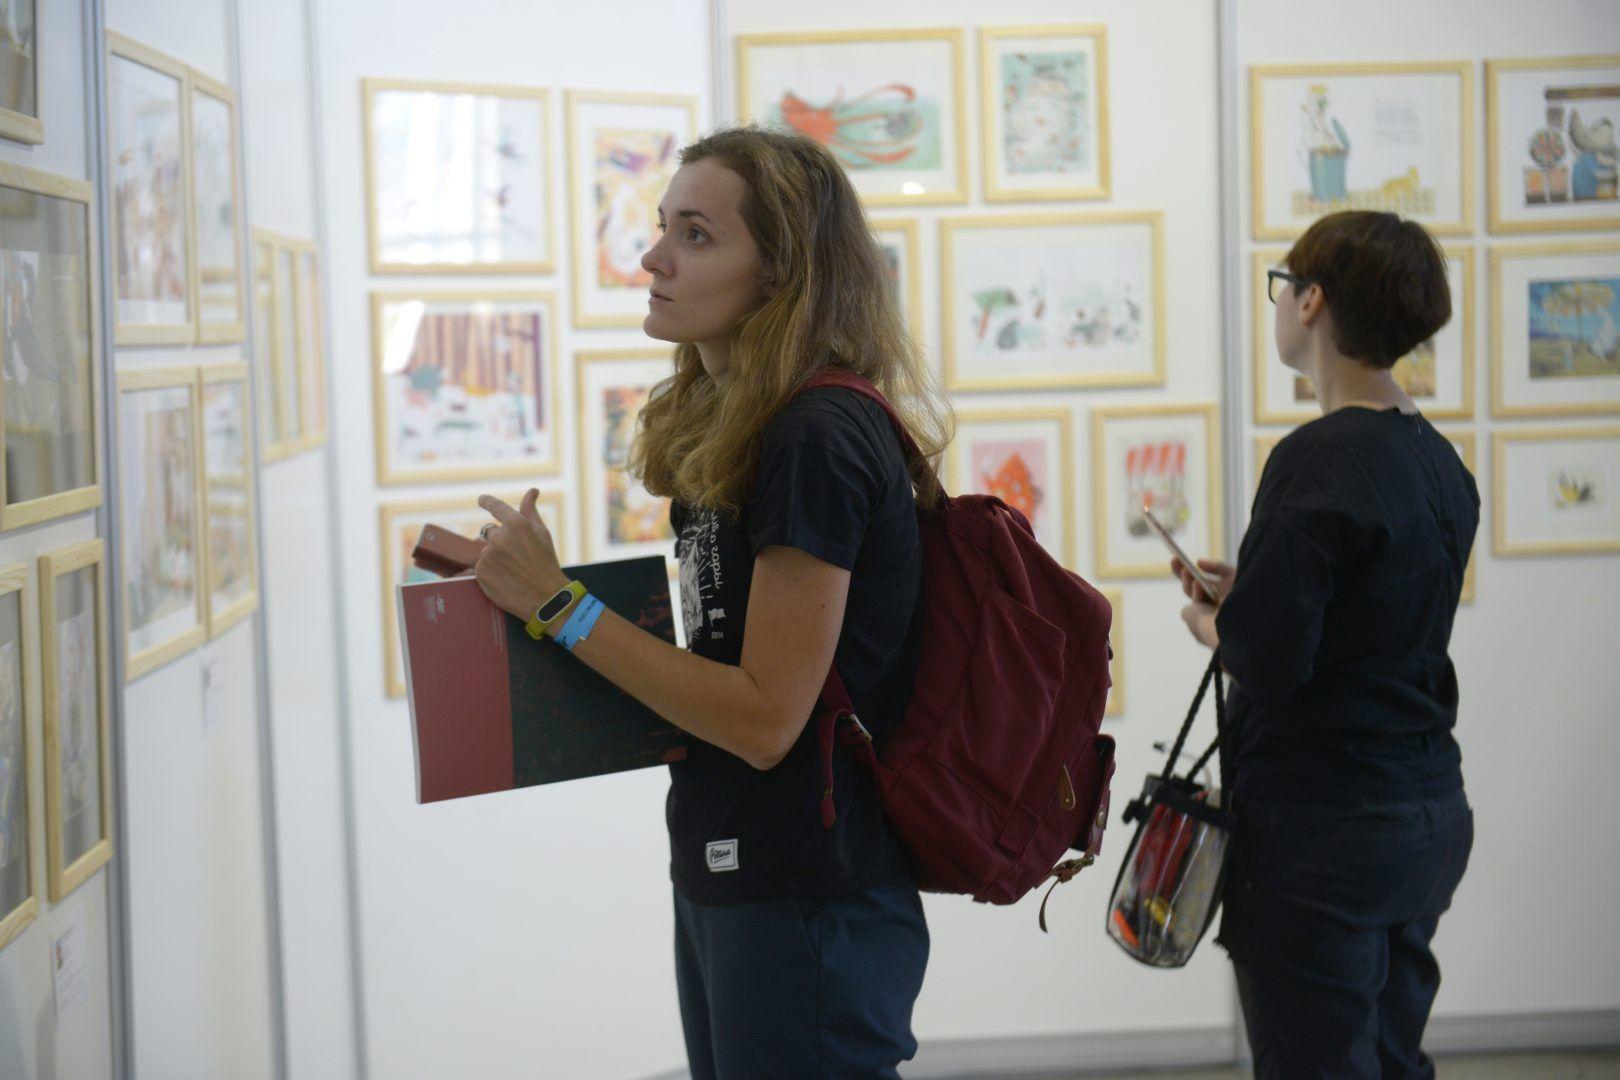 Юные художники из Щербинки представят работы на тему искусства. Фото: архив, «Вечерняя Москва»